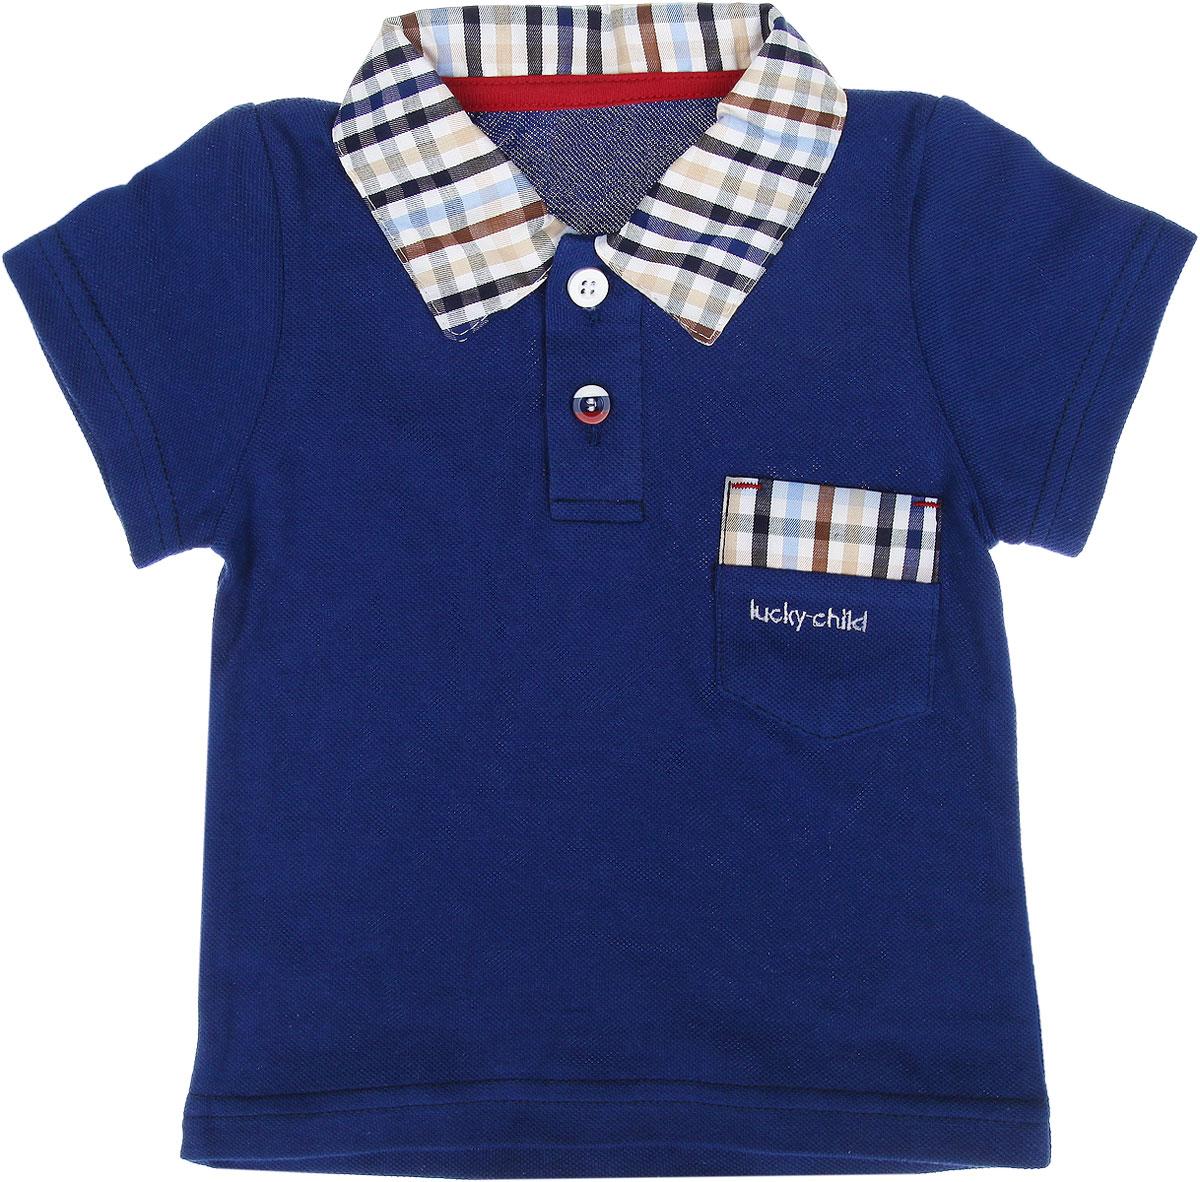 Футболка-поло для мальчика. 40-5040-50Модная футболка-поло для мальчика Lucky Child идеально подойдет для вашего маленького мужчины. Изготовленная из натурального хлопка, она необычайно мягкая и приятная на ощупь, не сковывает движения и позволяет коже дышать, не раздражает даже самую нежную и чувствительную кожу, обеспечивая наибольший комфорт. Футболка с короткими рукавами и отложным воротником-поло спереди застегивается на две пуговицы. На груди предусмотрен накладной кармашек. Воротник и верхняя часть кармана оформлены принтом в клетку. Современный дизайн и расцветка делают эту футболку модным и стильным предметом детского гардероба. В ней ваш ребенок будет чувствовать себя уютно и комфортно, и всегда будет в центре внимания!